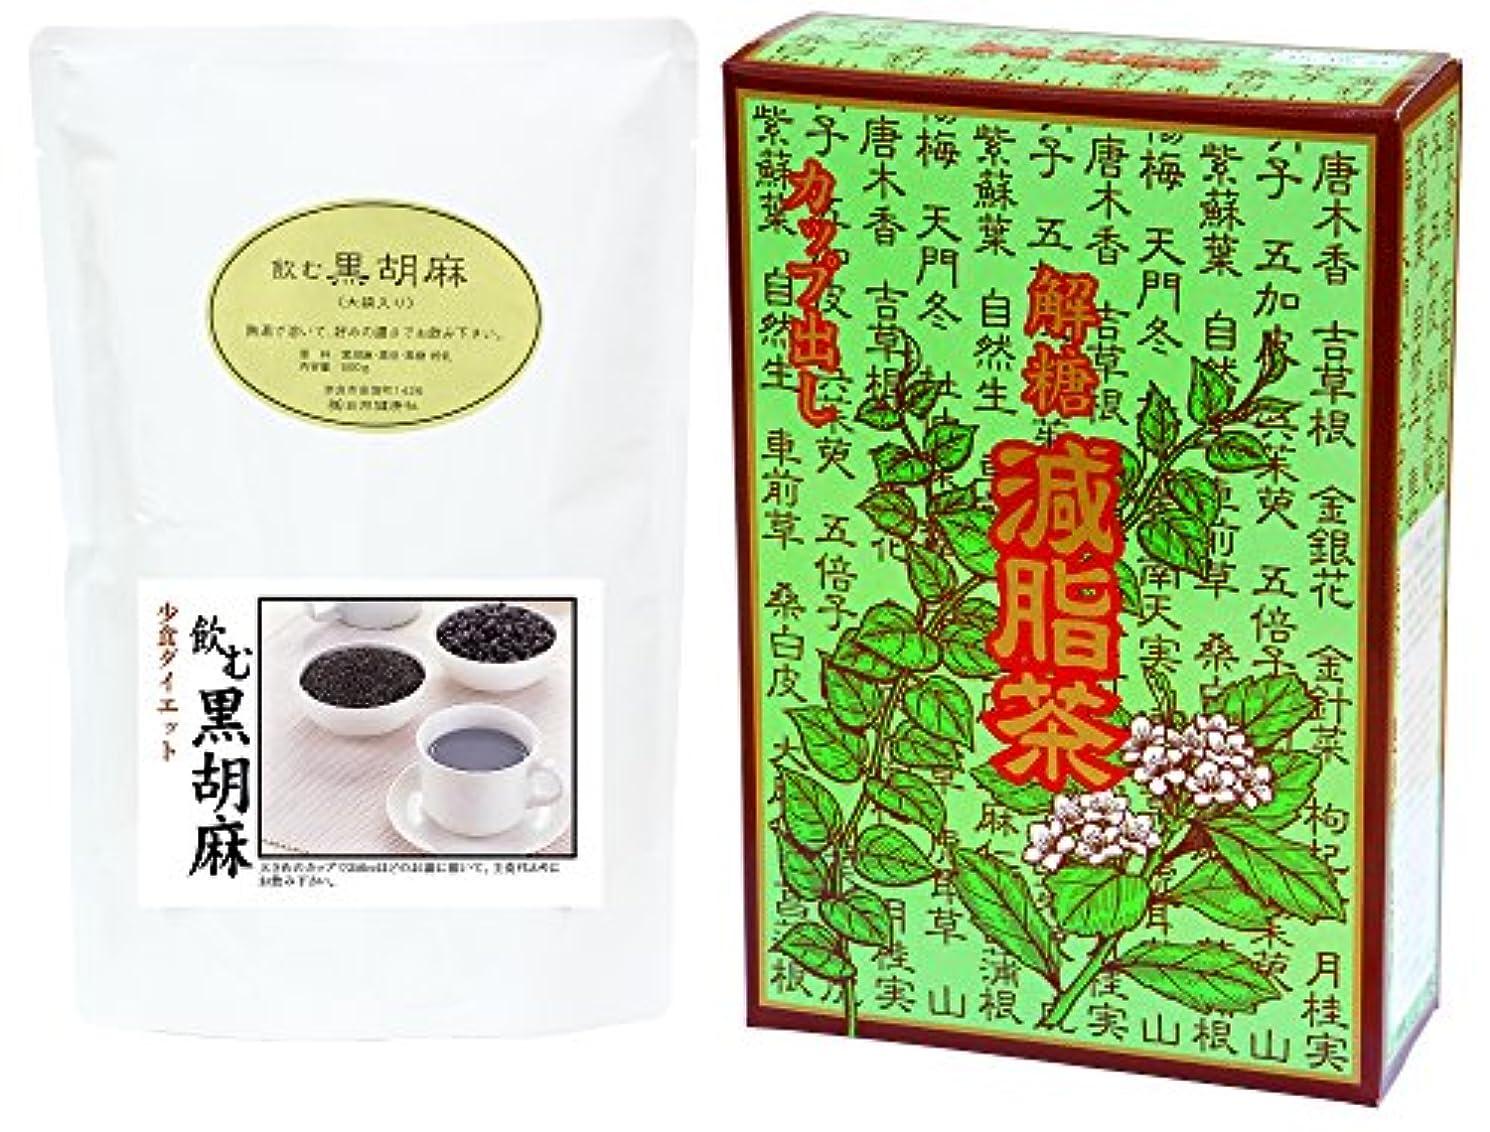 絶壁にもかかわらず永遠の自然健康社 飲む黒胡麻?徳用 40食 + 減脂茶?箱 60パック